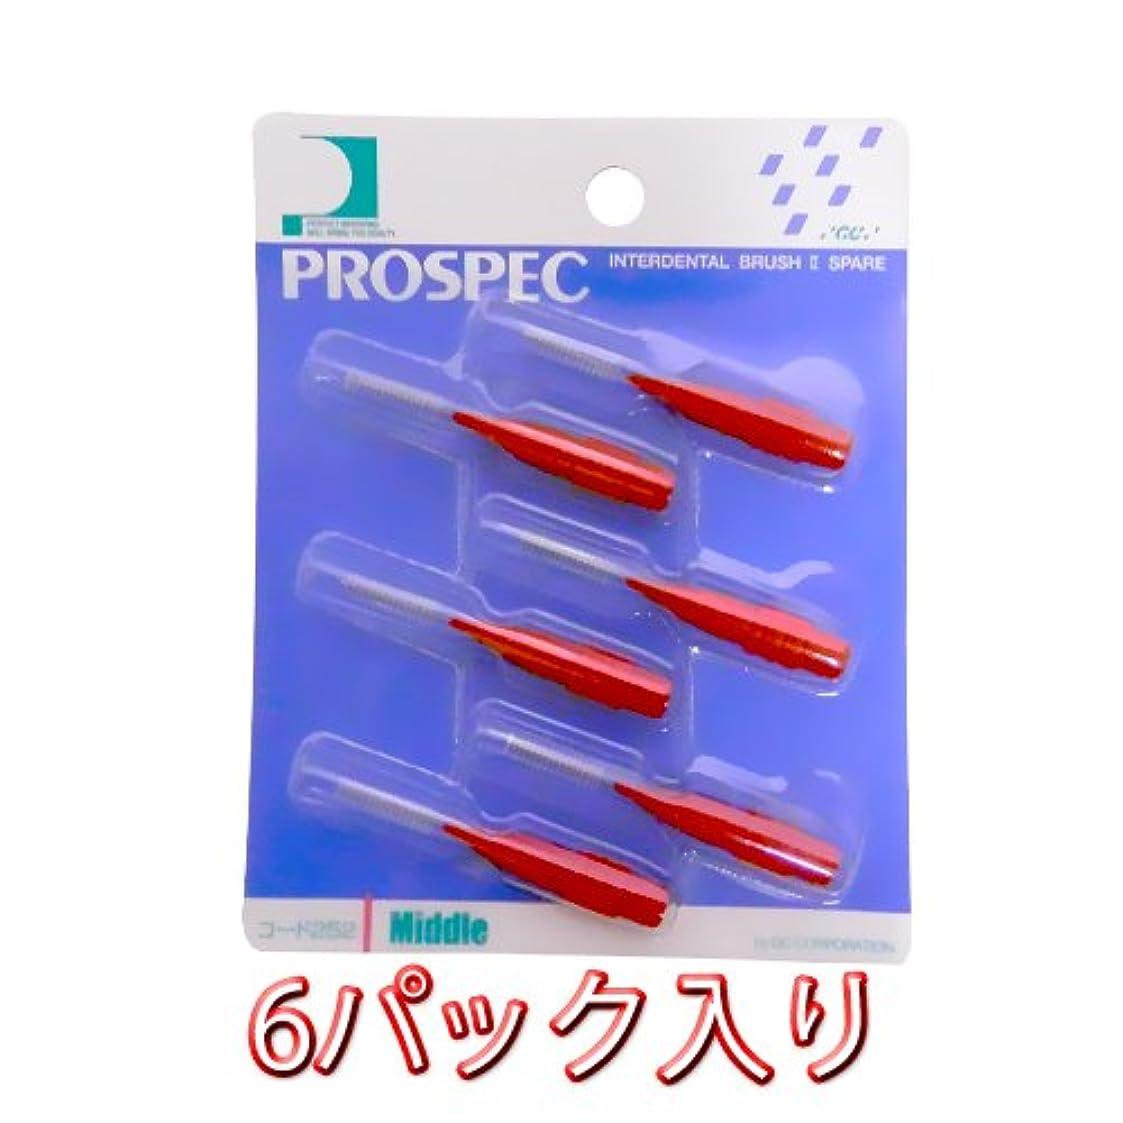 黒板影懲らしめプロスペック 歯間ブラシ2 スペアー ブラシのみ6本入 × 6パック M レッド